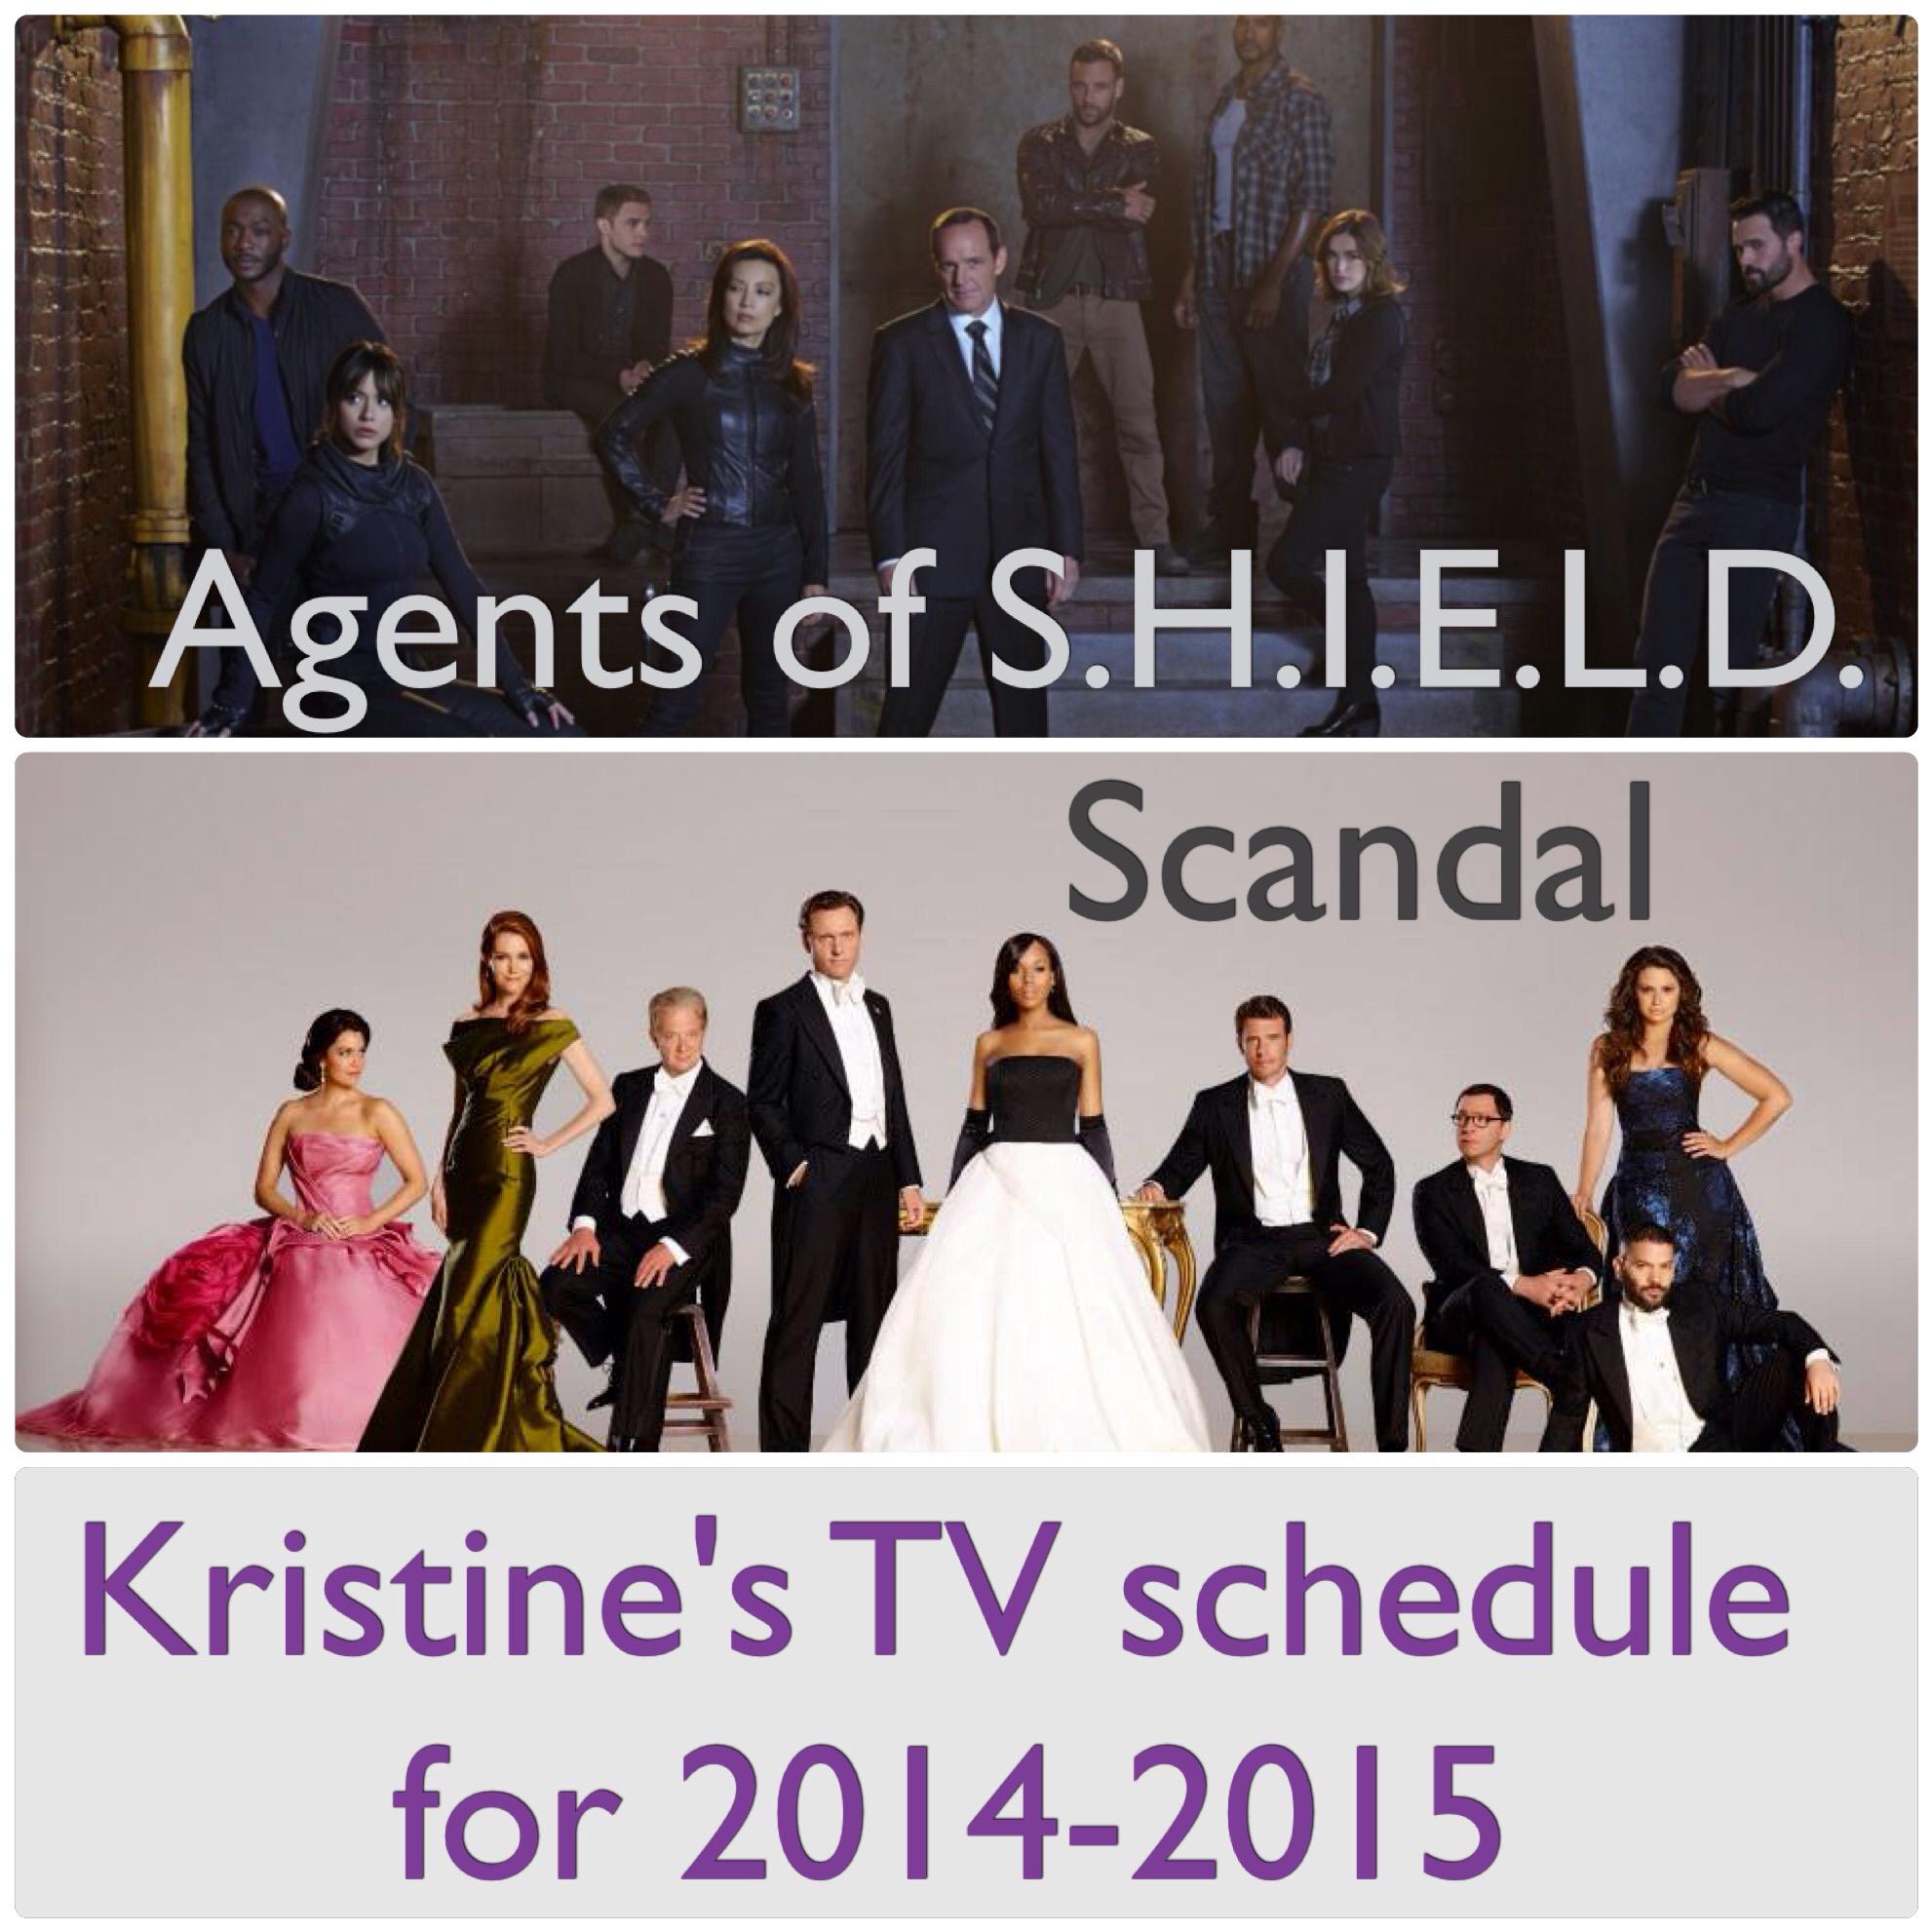 TV season 2014-2015